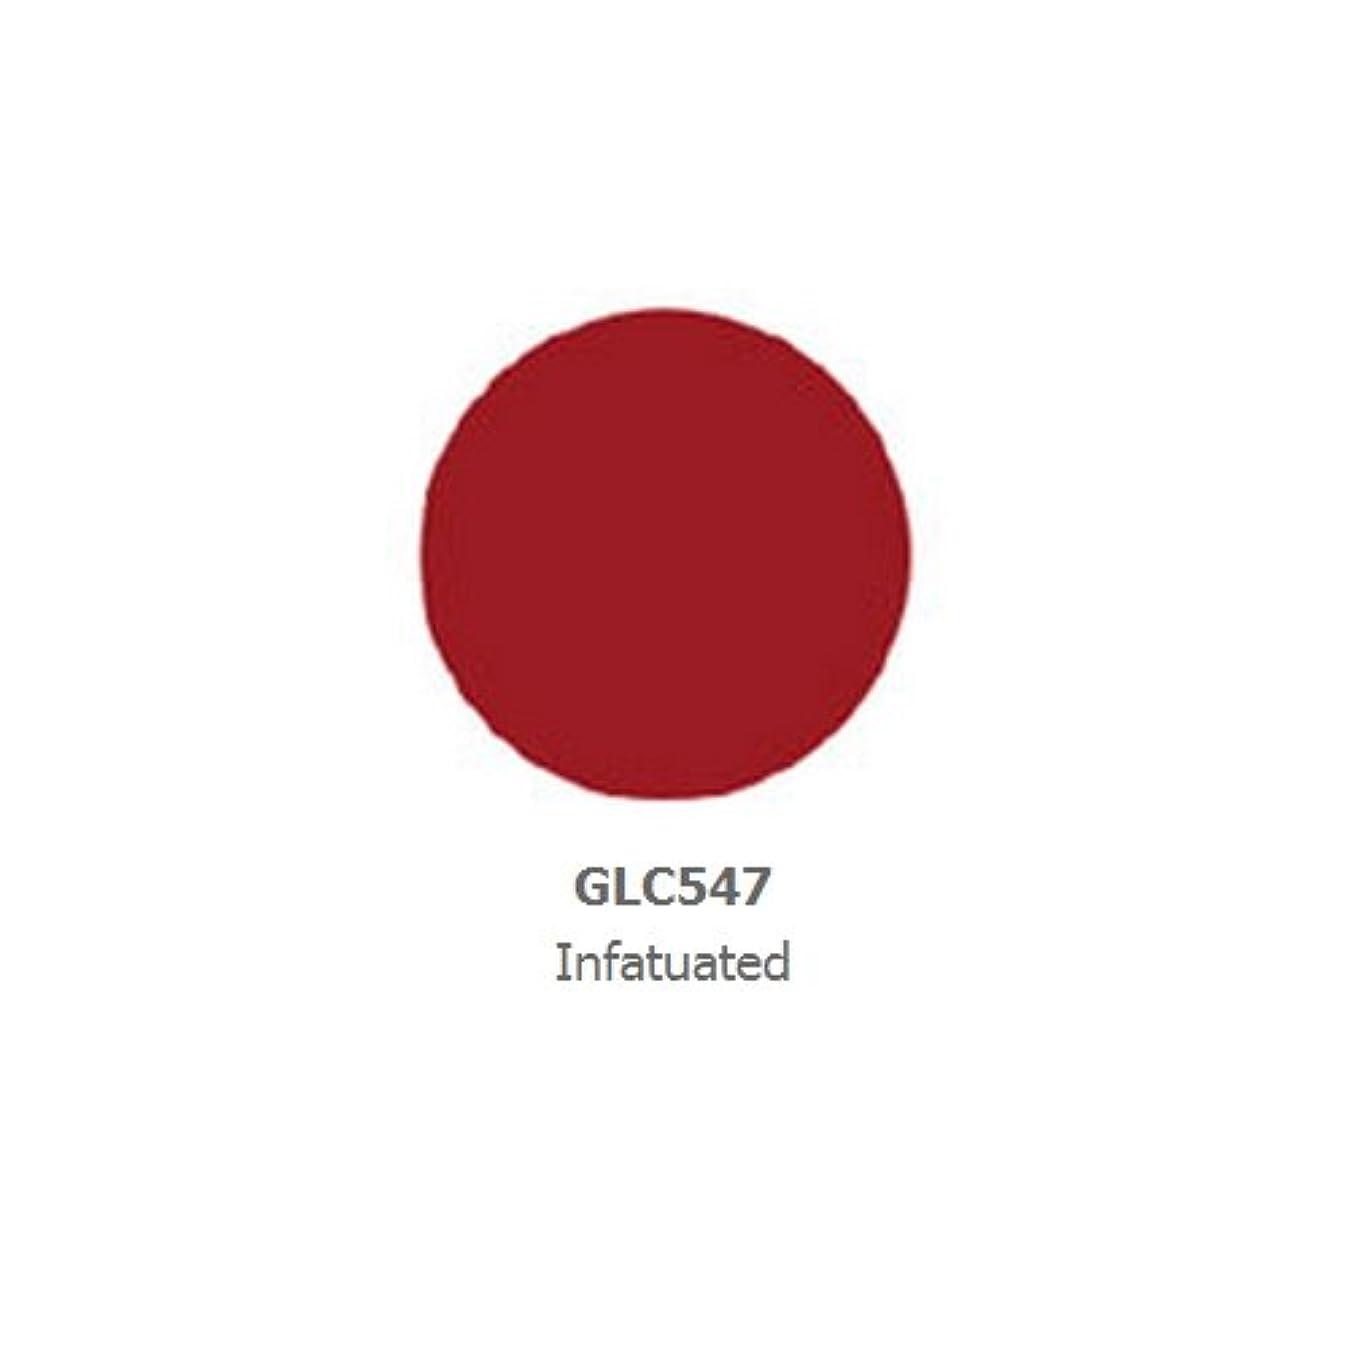 週間各予約LA GIRL Luxury Creme Lip Color - Infatuated (並行輸入品)